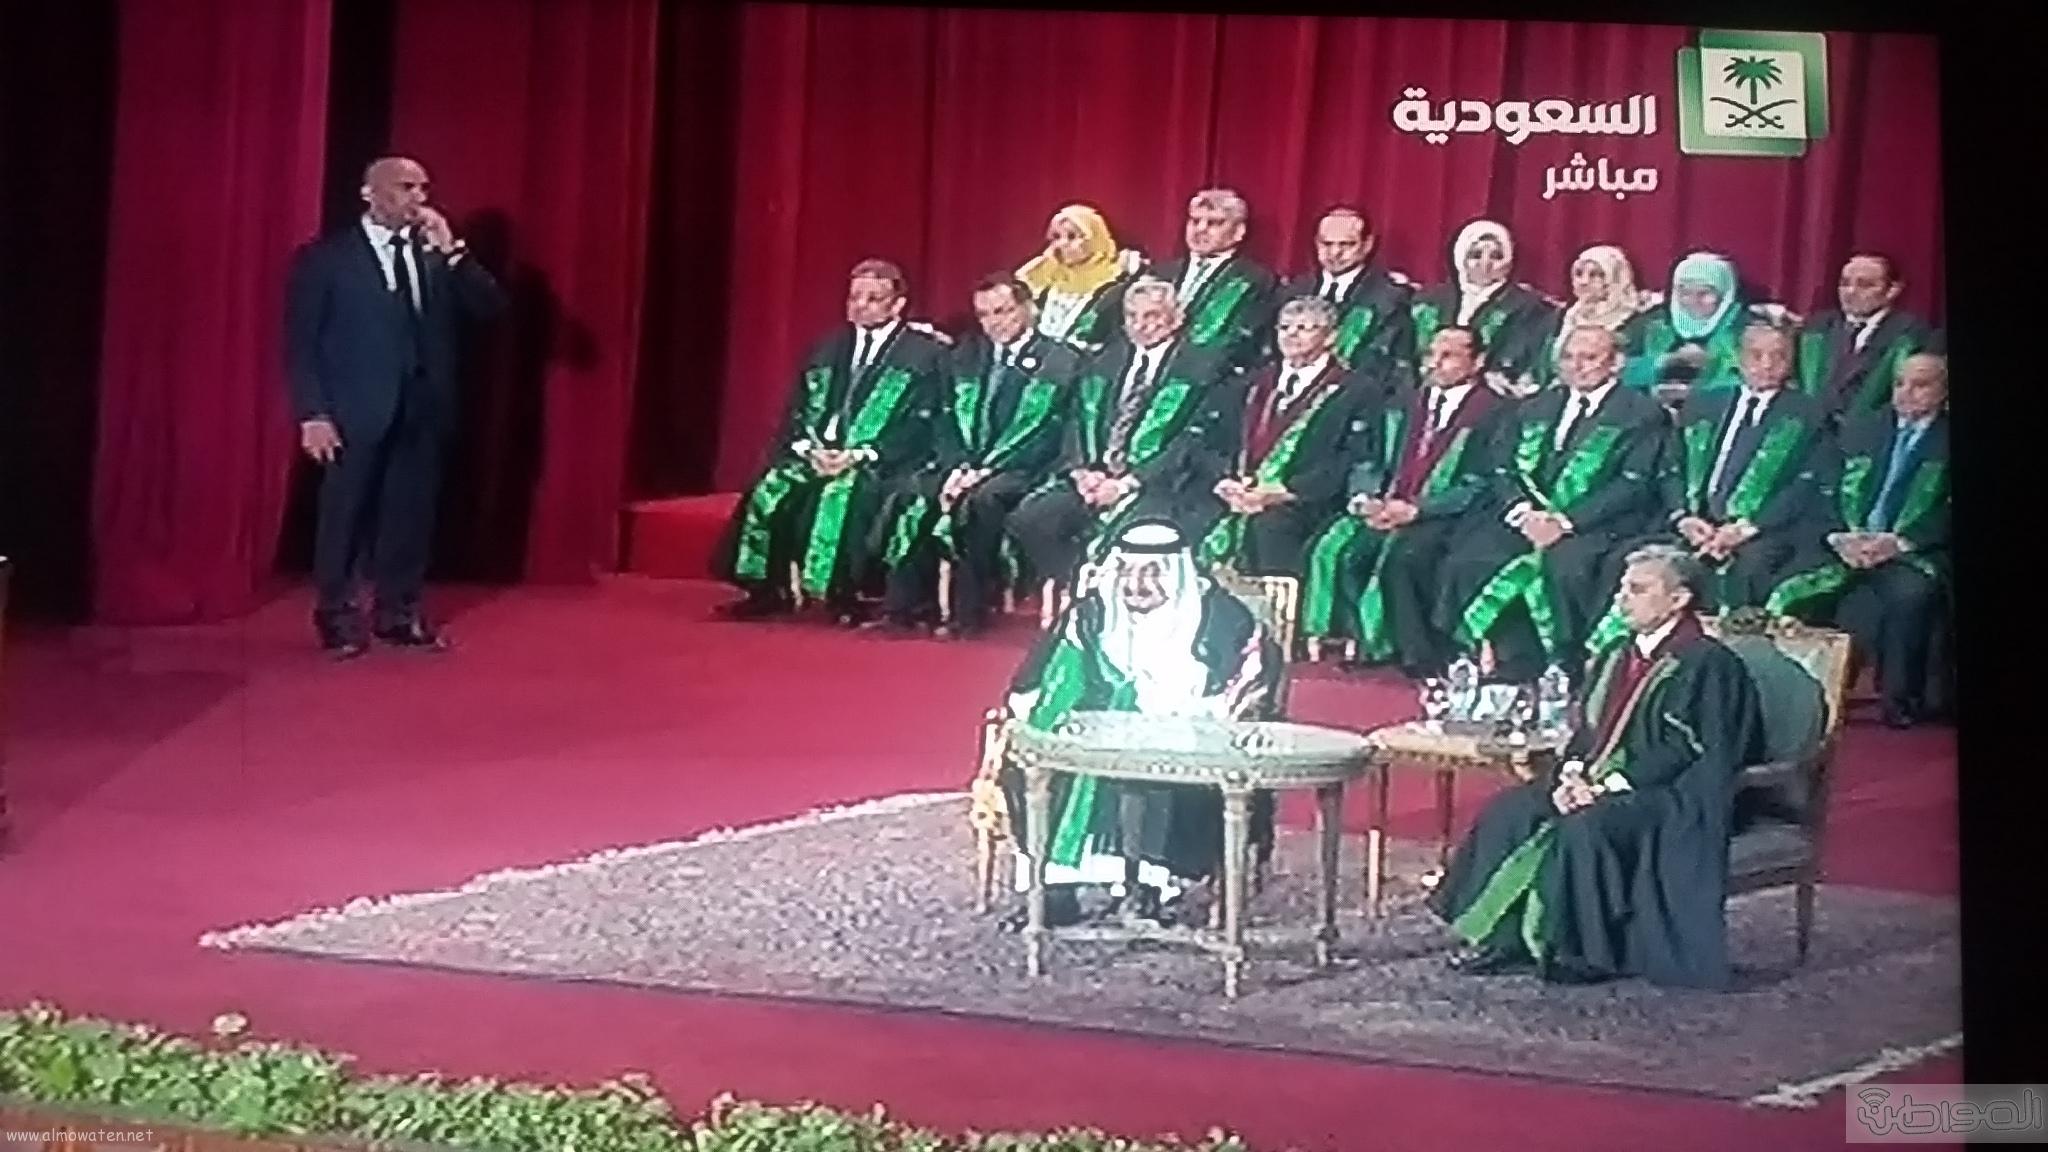 وصول الملك سلمان لجامعة القاهرة (6)